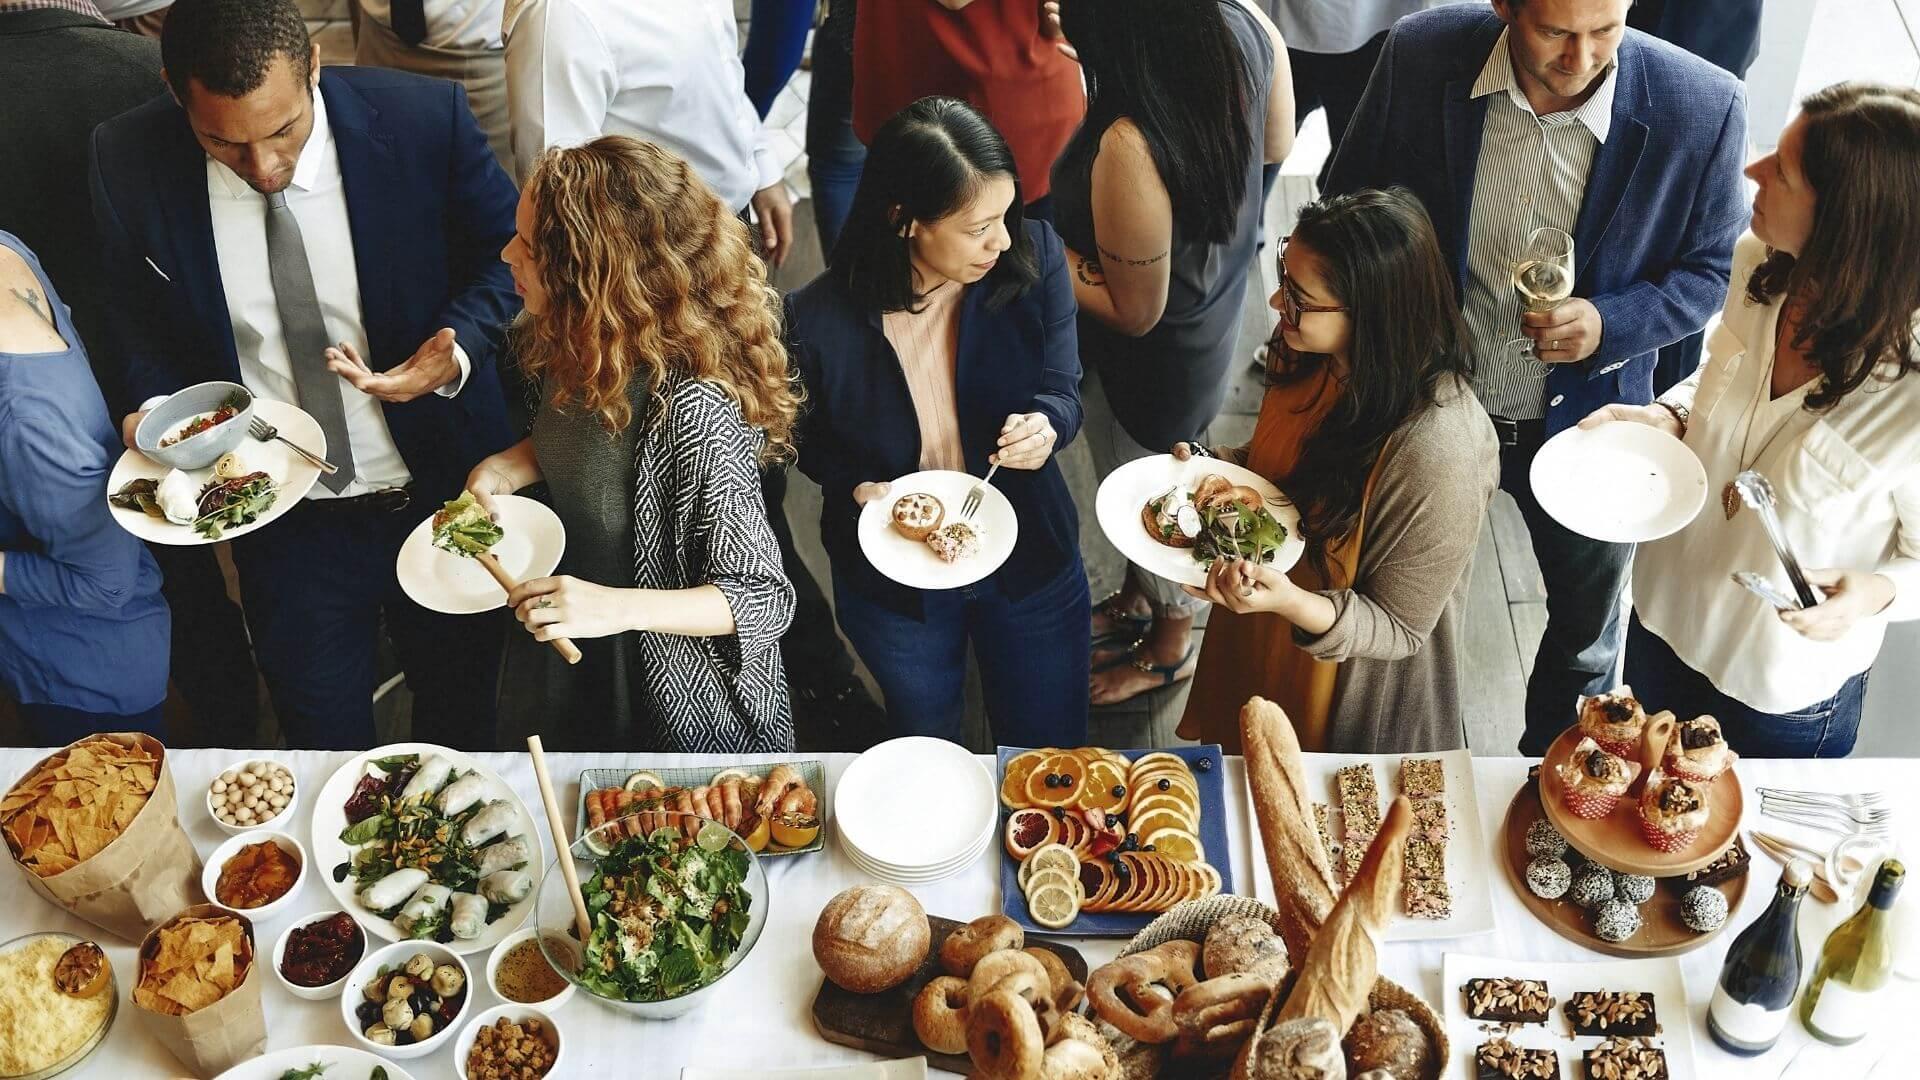 Essen und Trinken Stockfoto Buffet mit Menschen die davor stehen und essen und sich unterhalten shutterstock quadratisch copyright Rawpixel.com